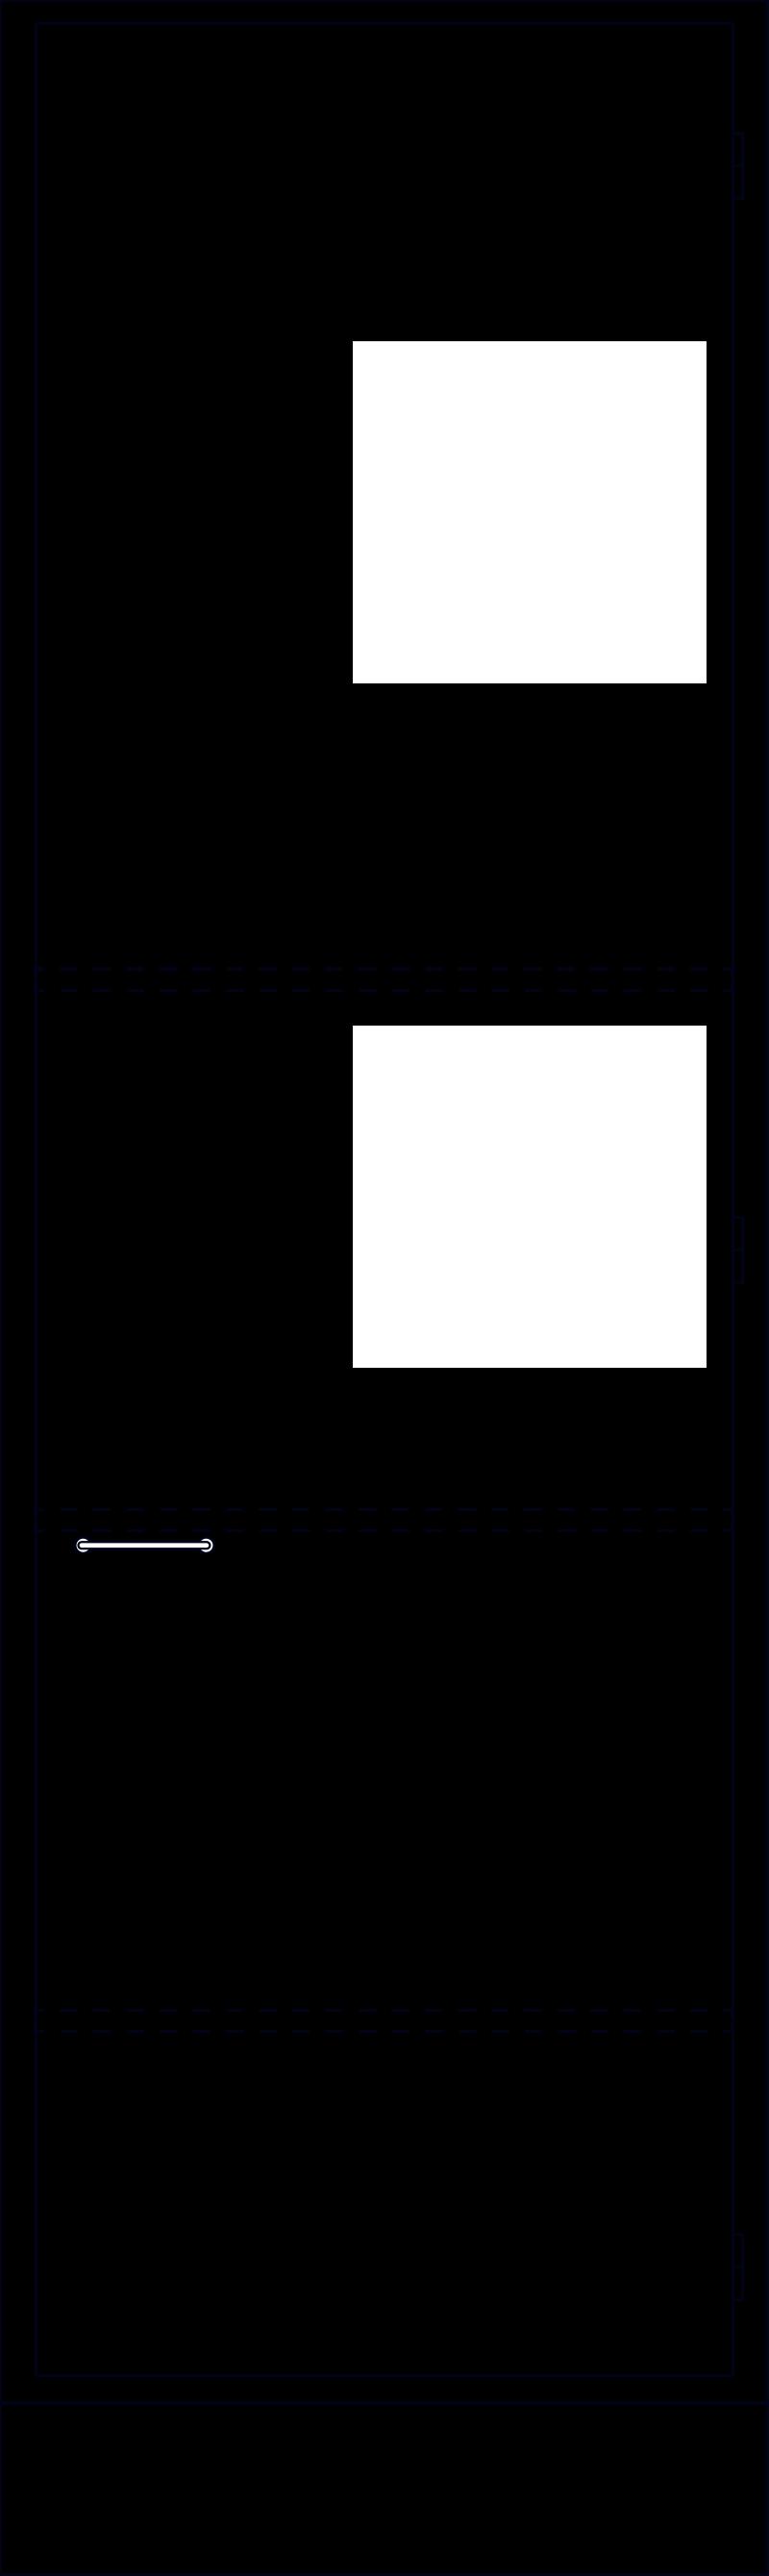 Thumb_Kombinationer_Højskabe_Sektionmed4xhylder-2.png